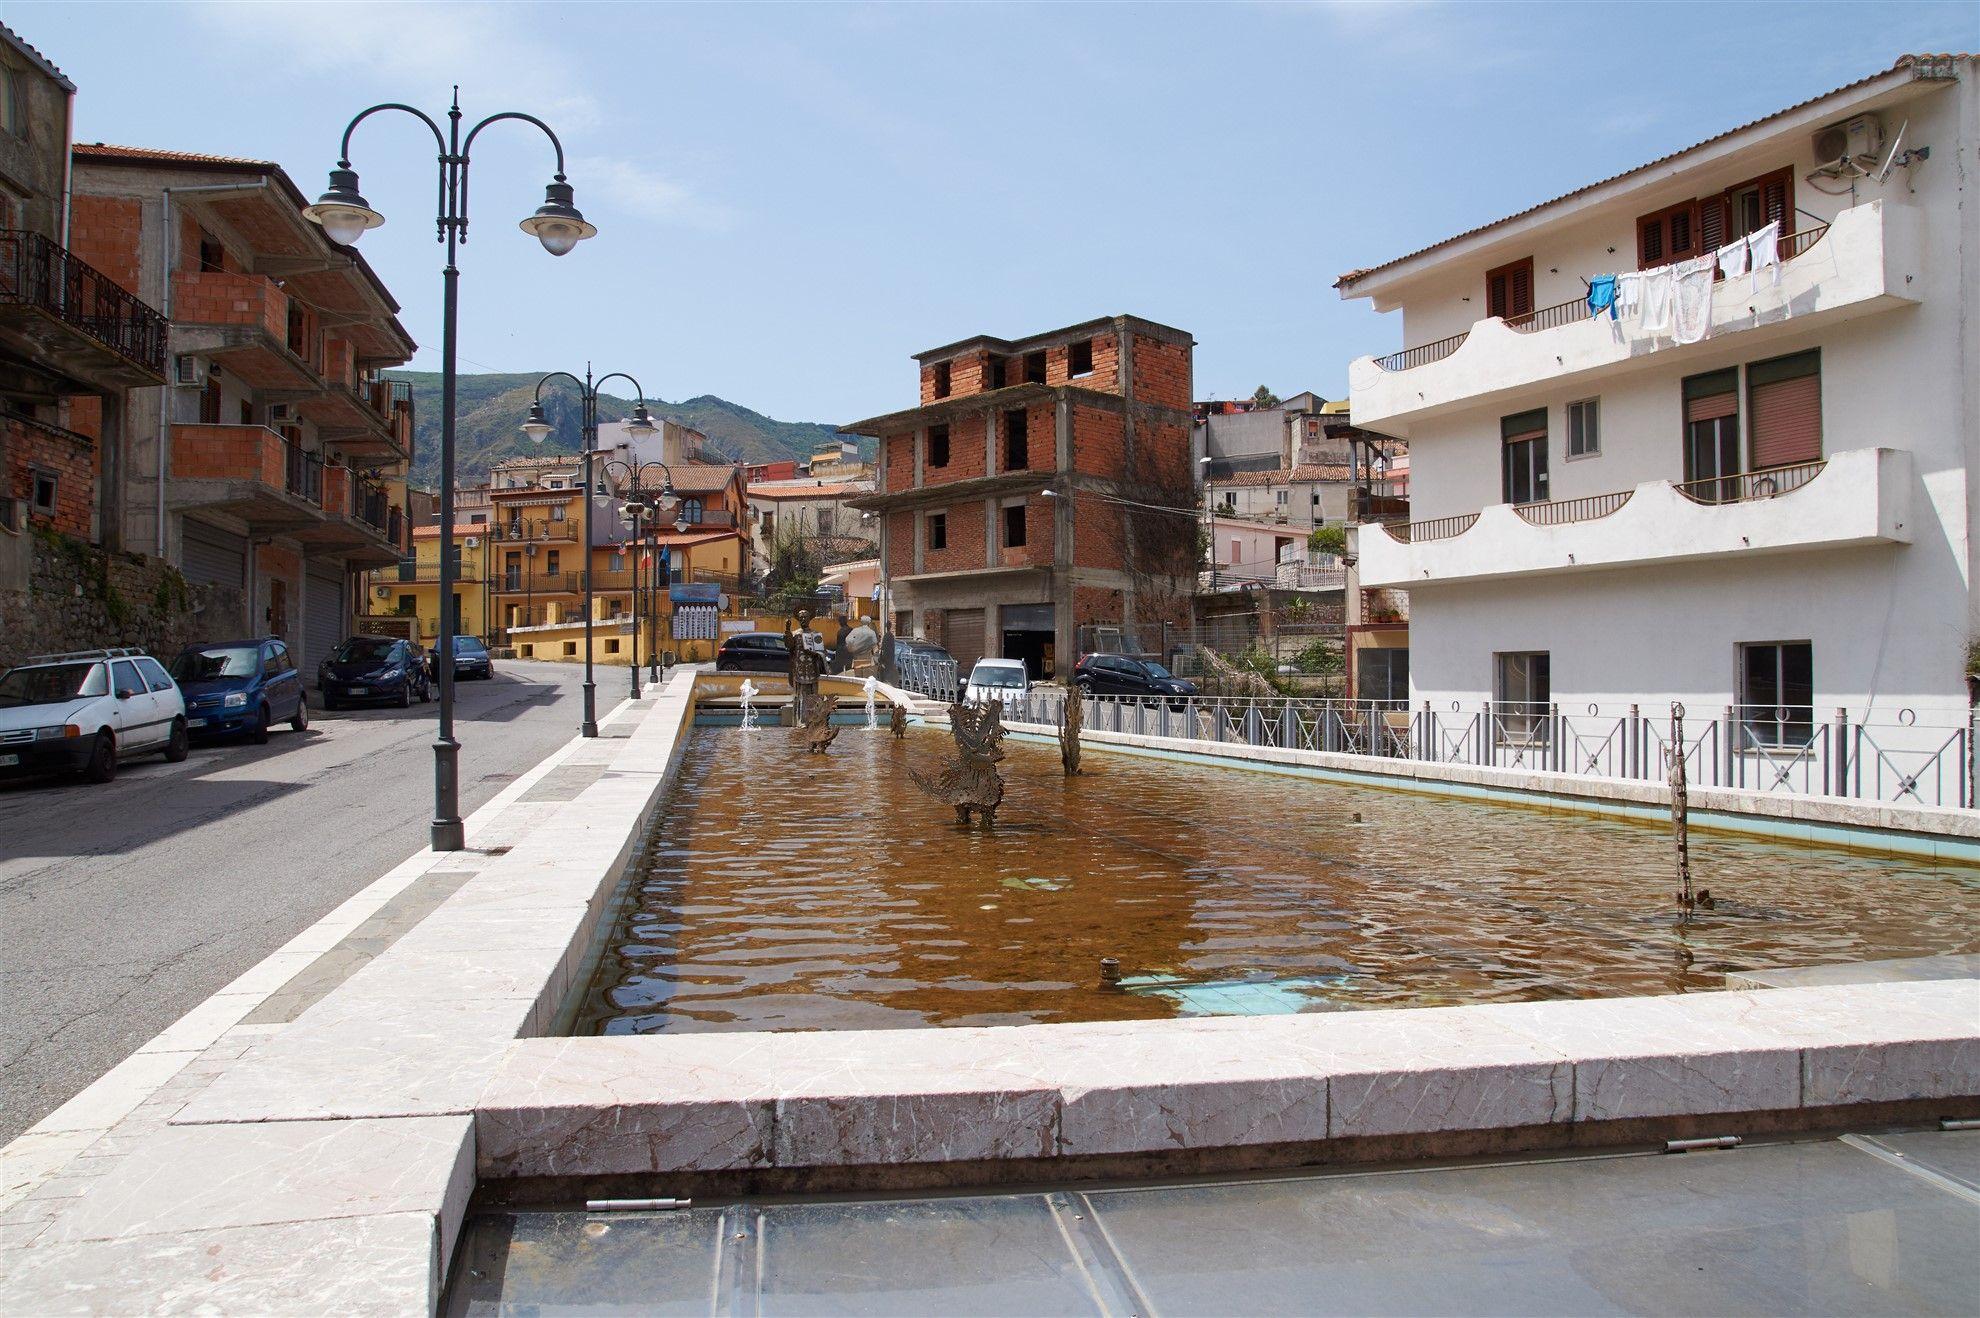 Fontana artistica di San Filippo d'Agira